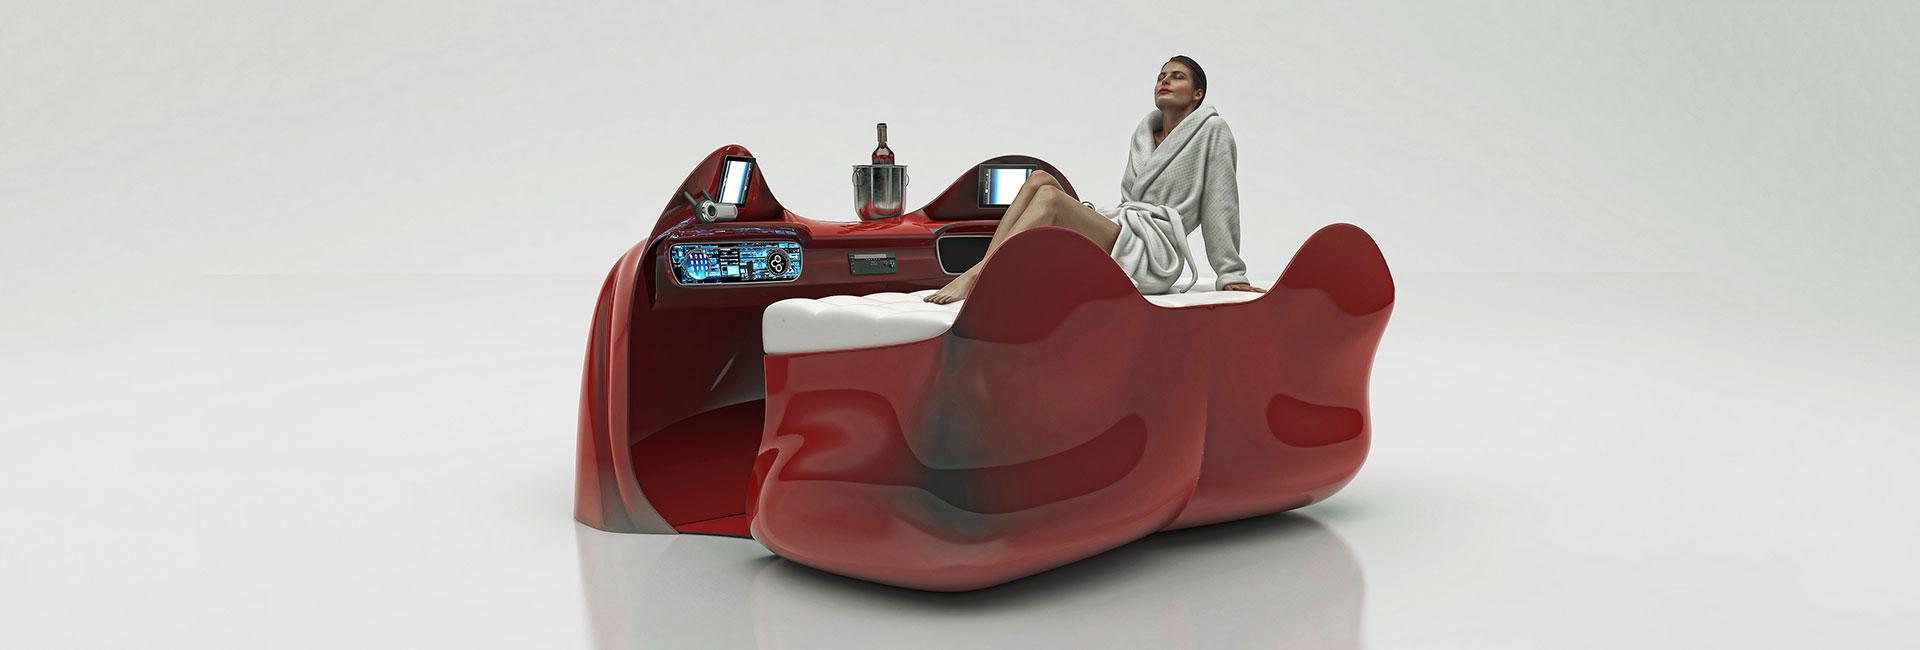 AMO's: un letto smart per ritrovare la passione thumbnail